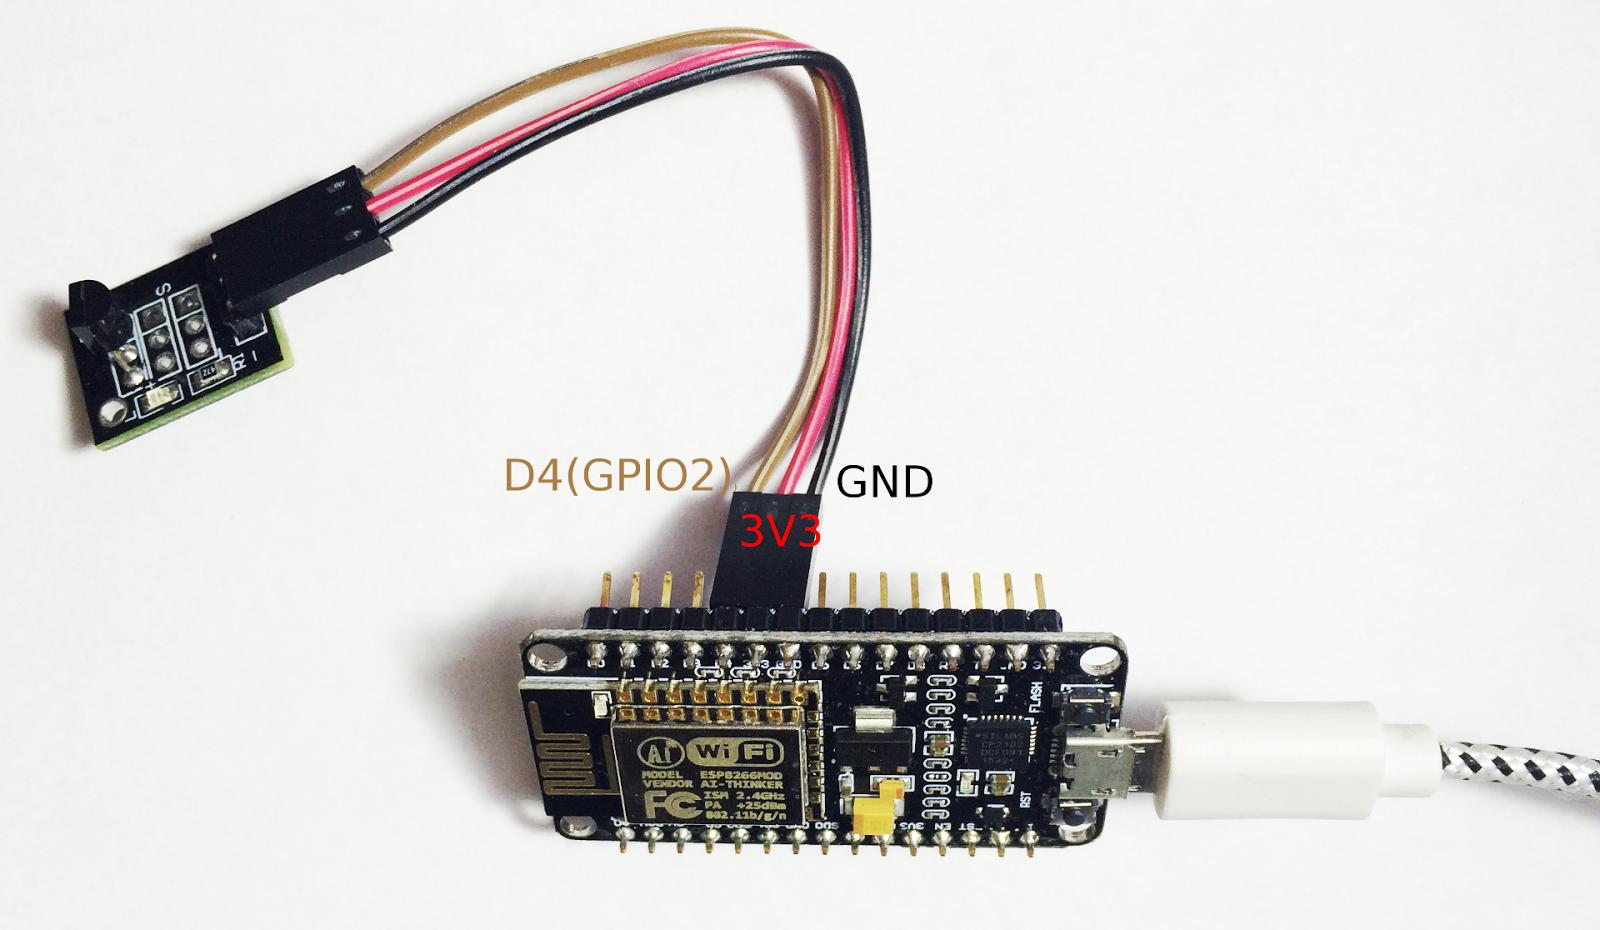 IoT за копейки: делаем устройство с веб-интерфейсом - 7